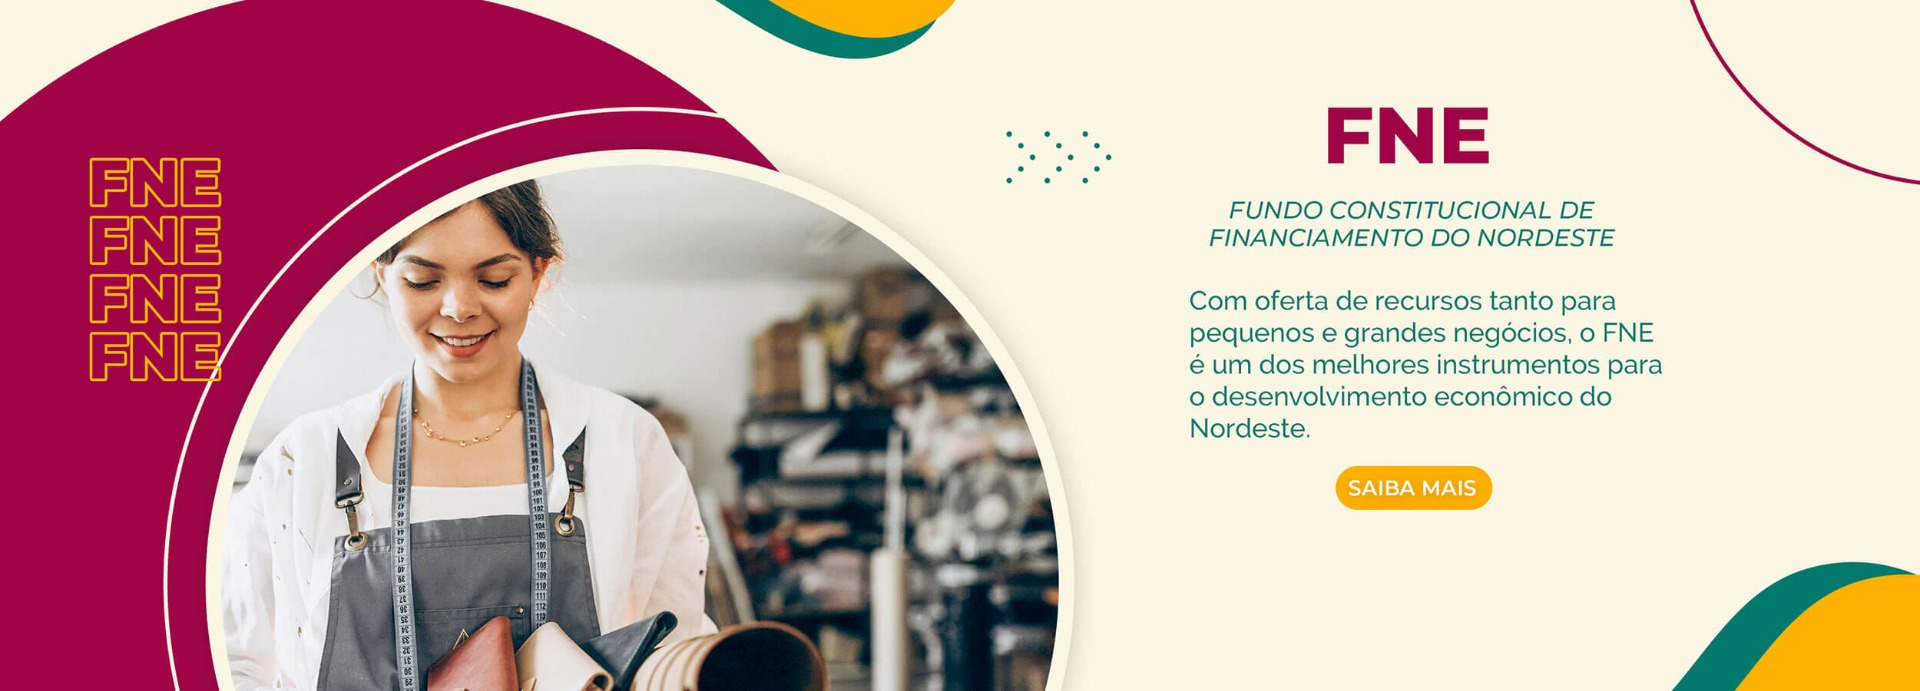 FNE-banner.jpg